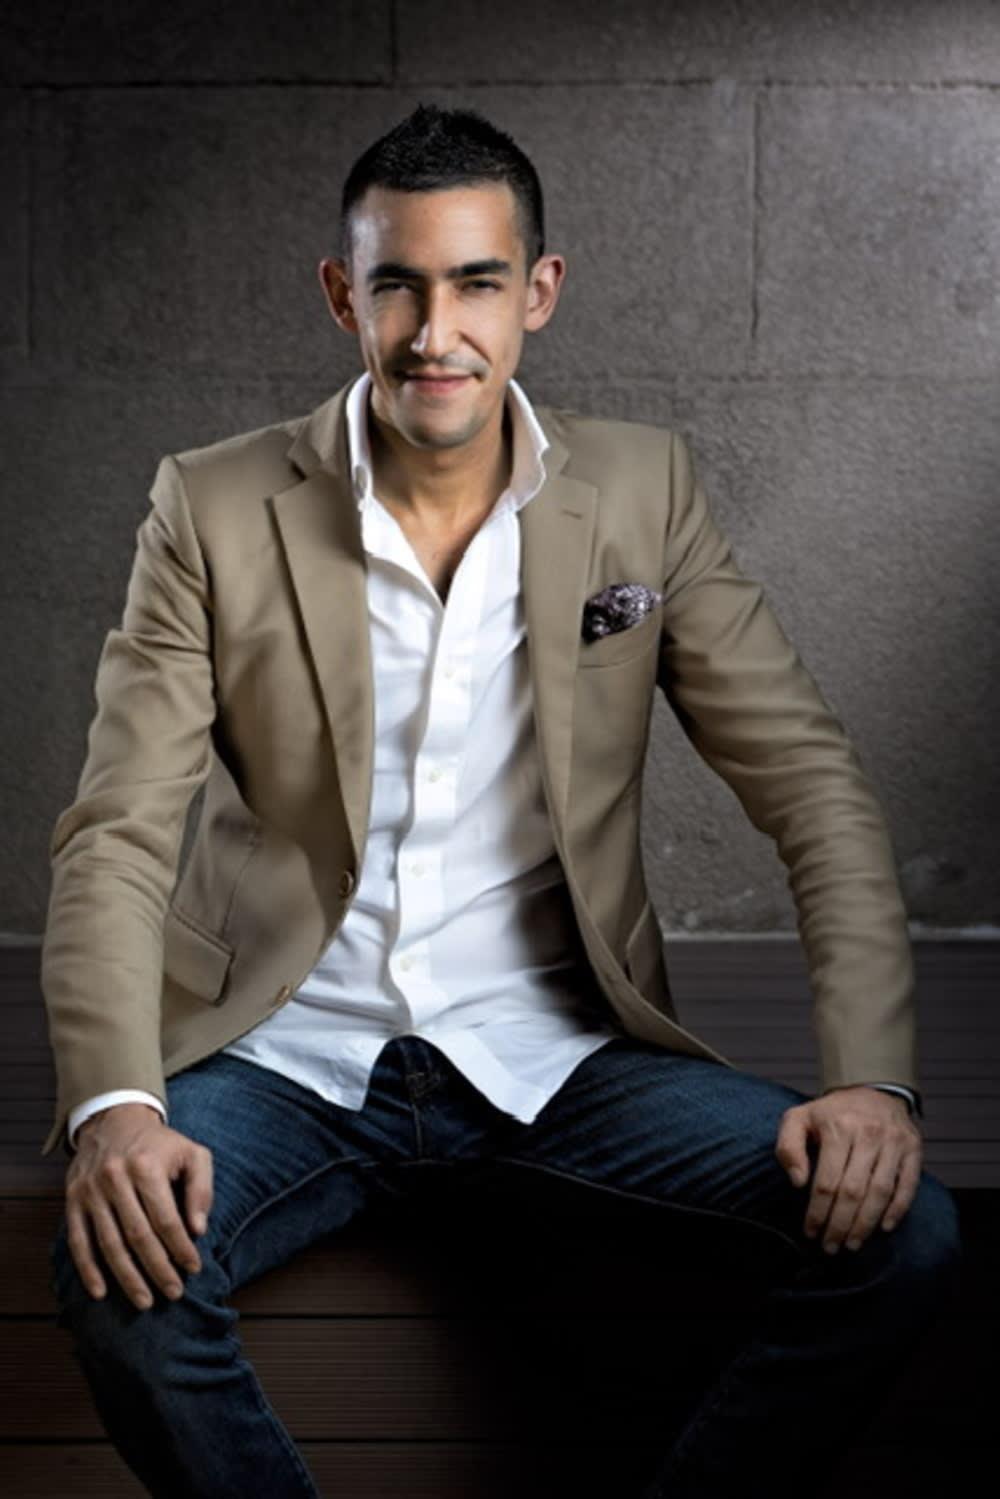 Manuel Palacio, co-founder of Pirata Group Hong Kong